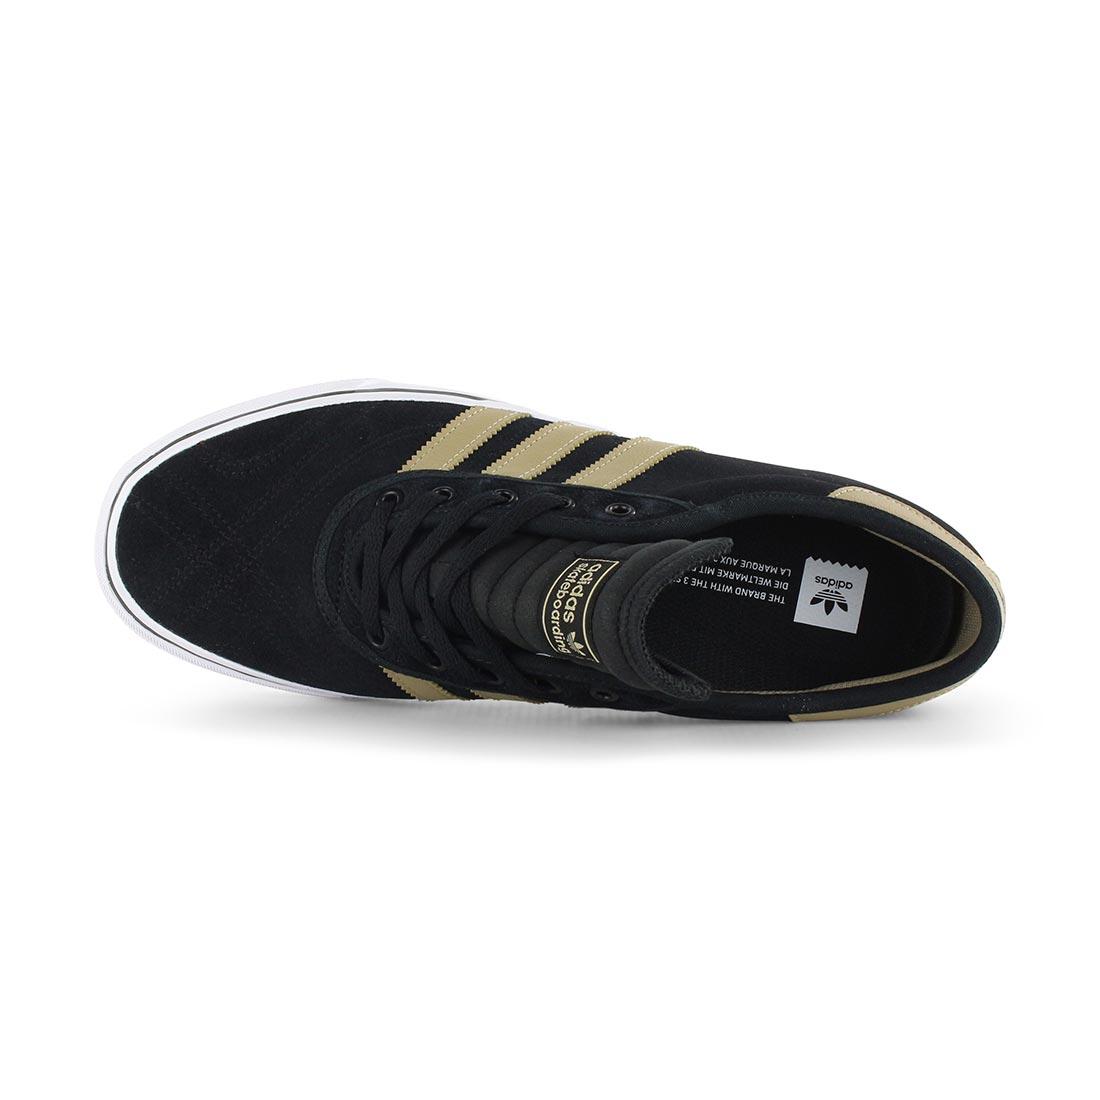 Adidas Adi-Ease Black White